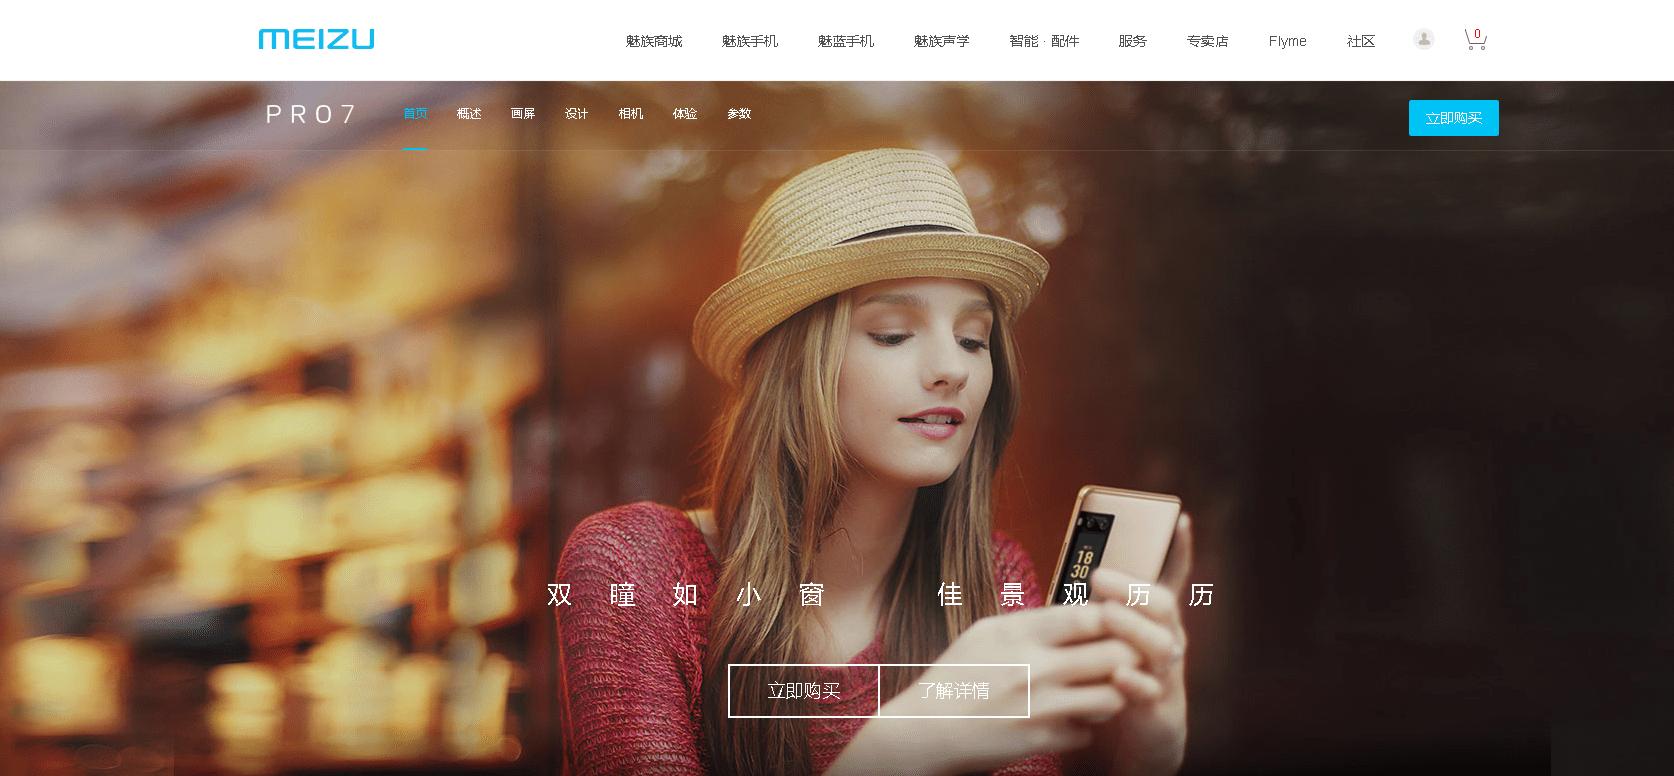 中国版MEIZU公式サイトに掲載されているスマートフォンの紹介ページに中国国外からアクセス可能に